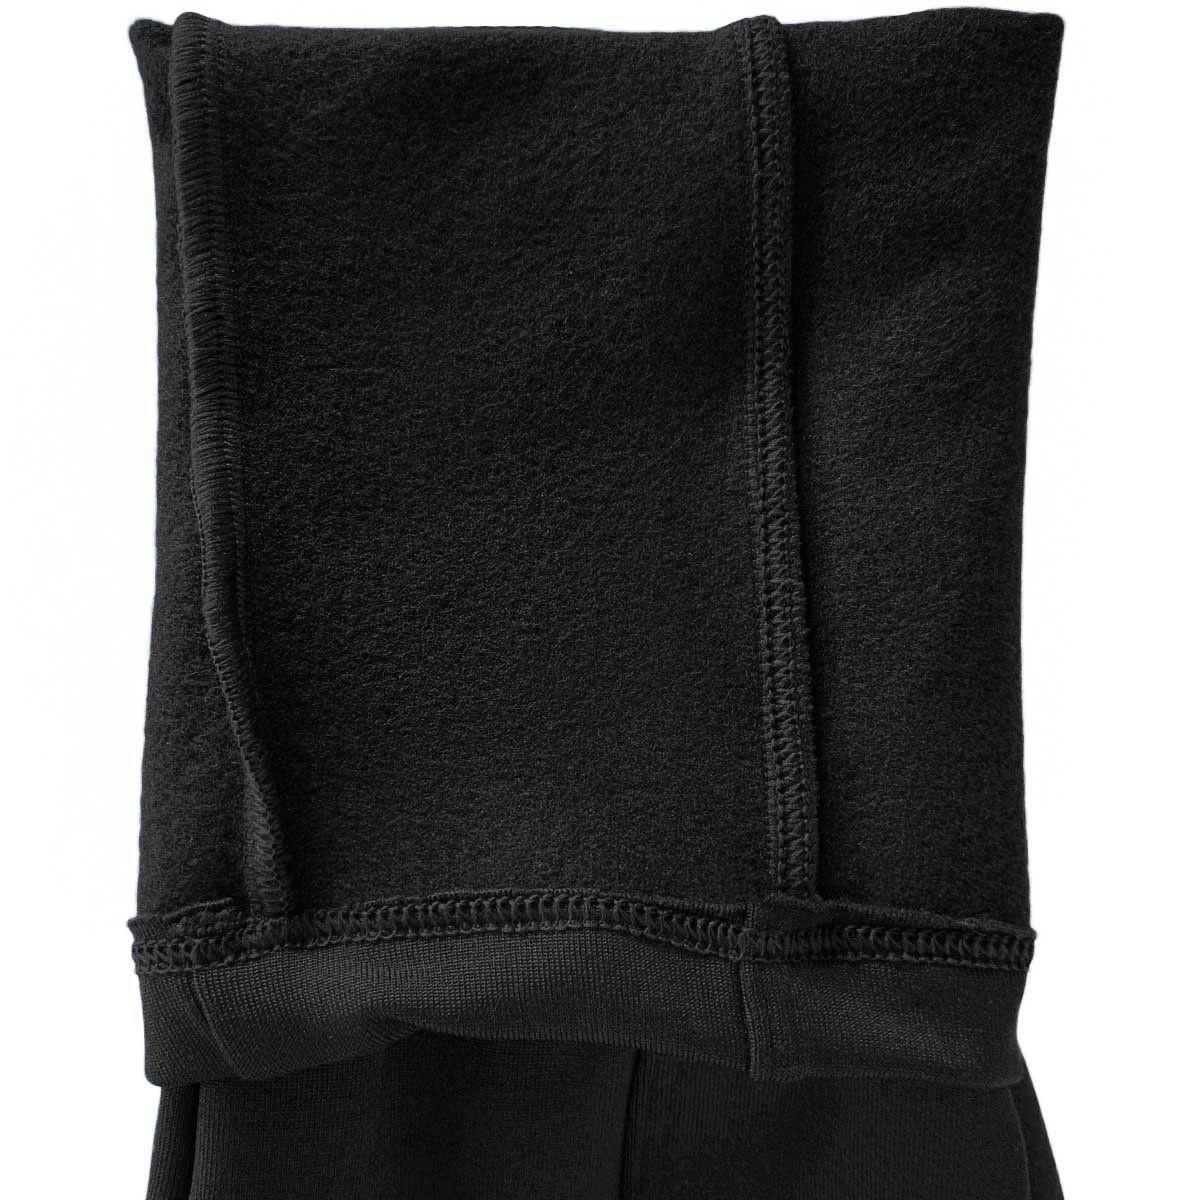 Calça Legging feminina montaria peluciada Dicors